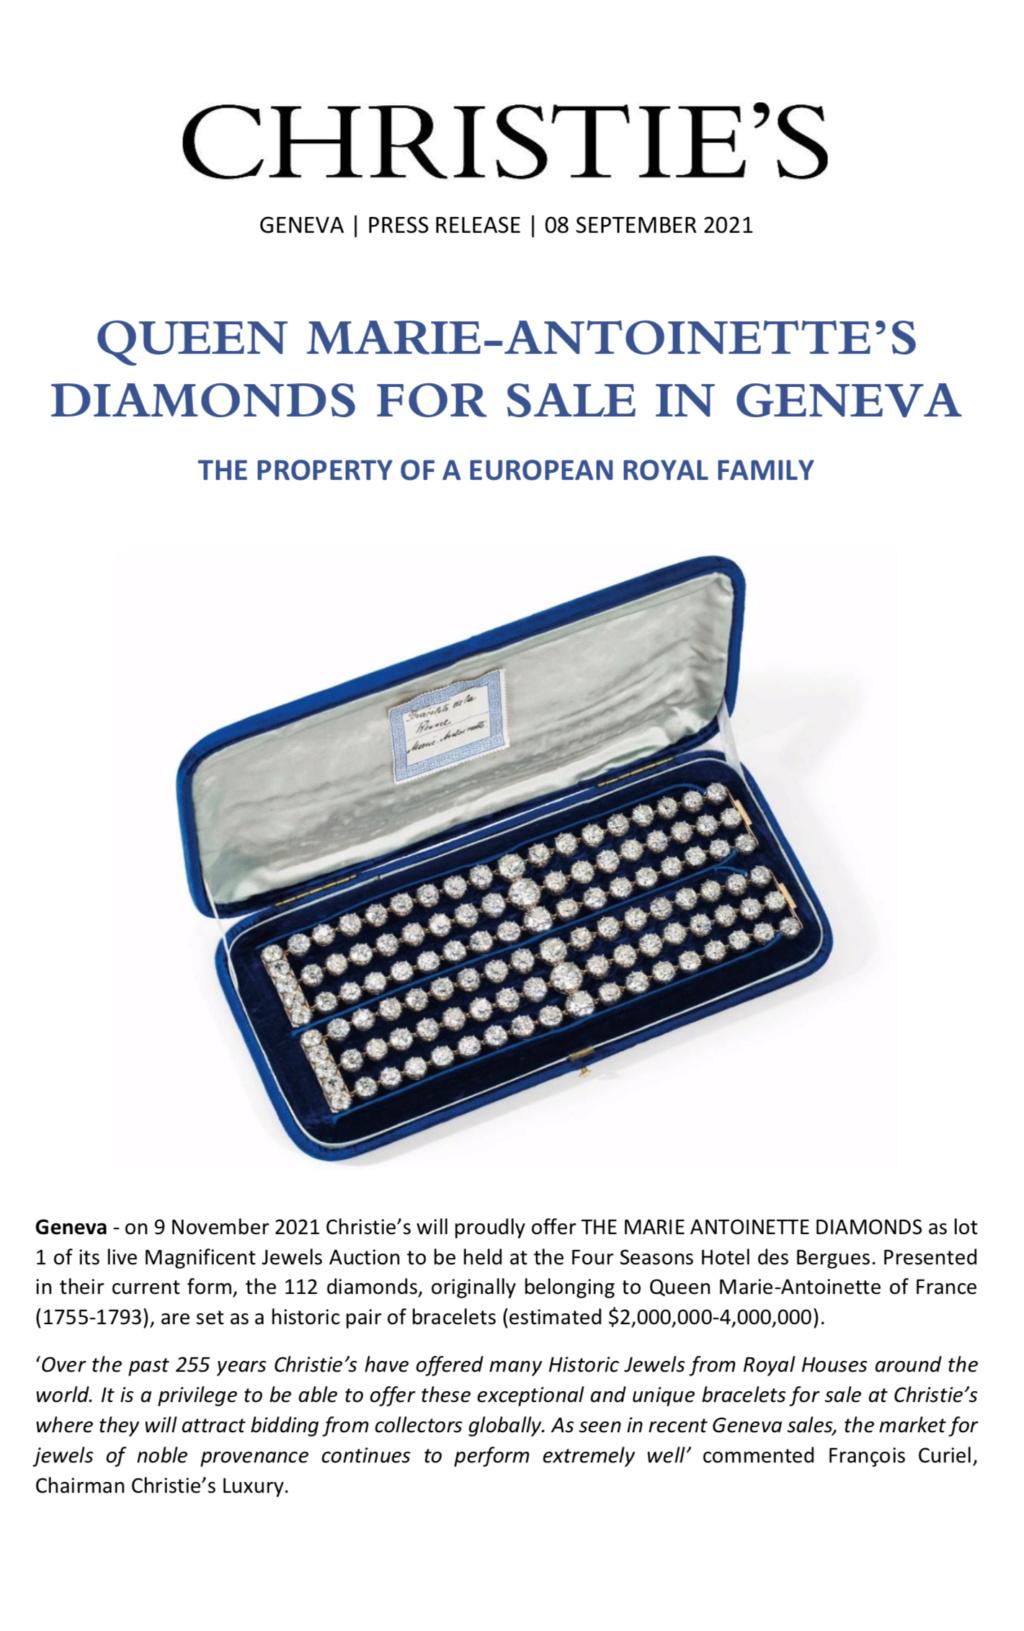 Bijoux de Marie-Antoinette : bracelets de diamants  - Page 2 Capt3025